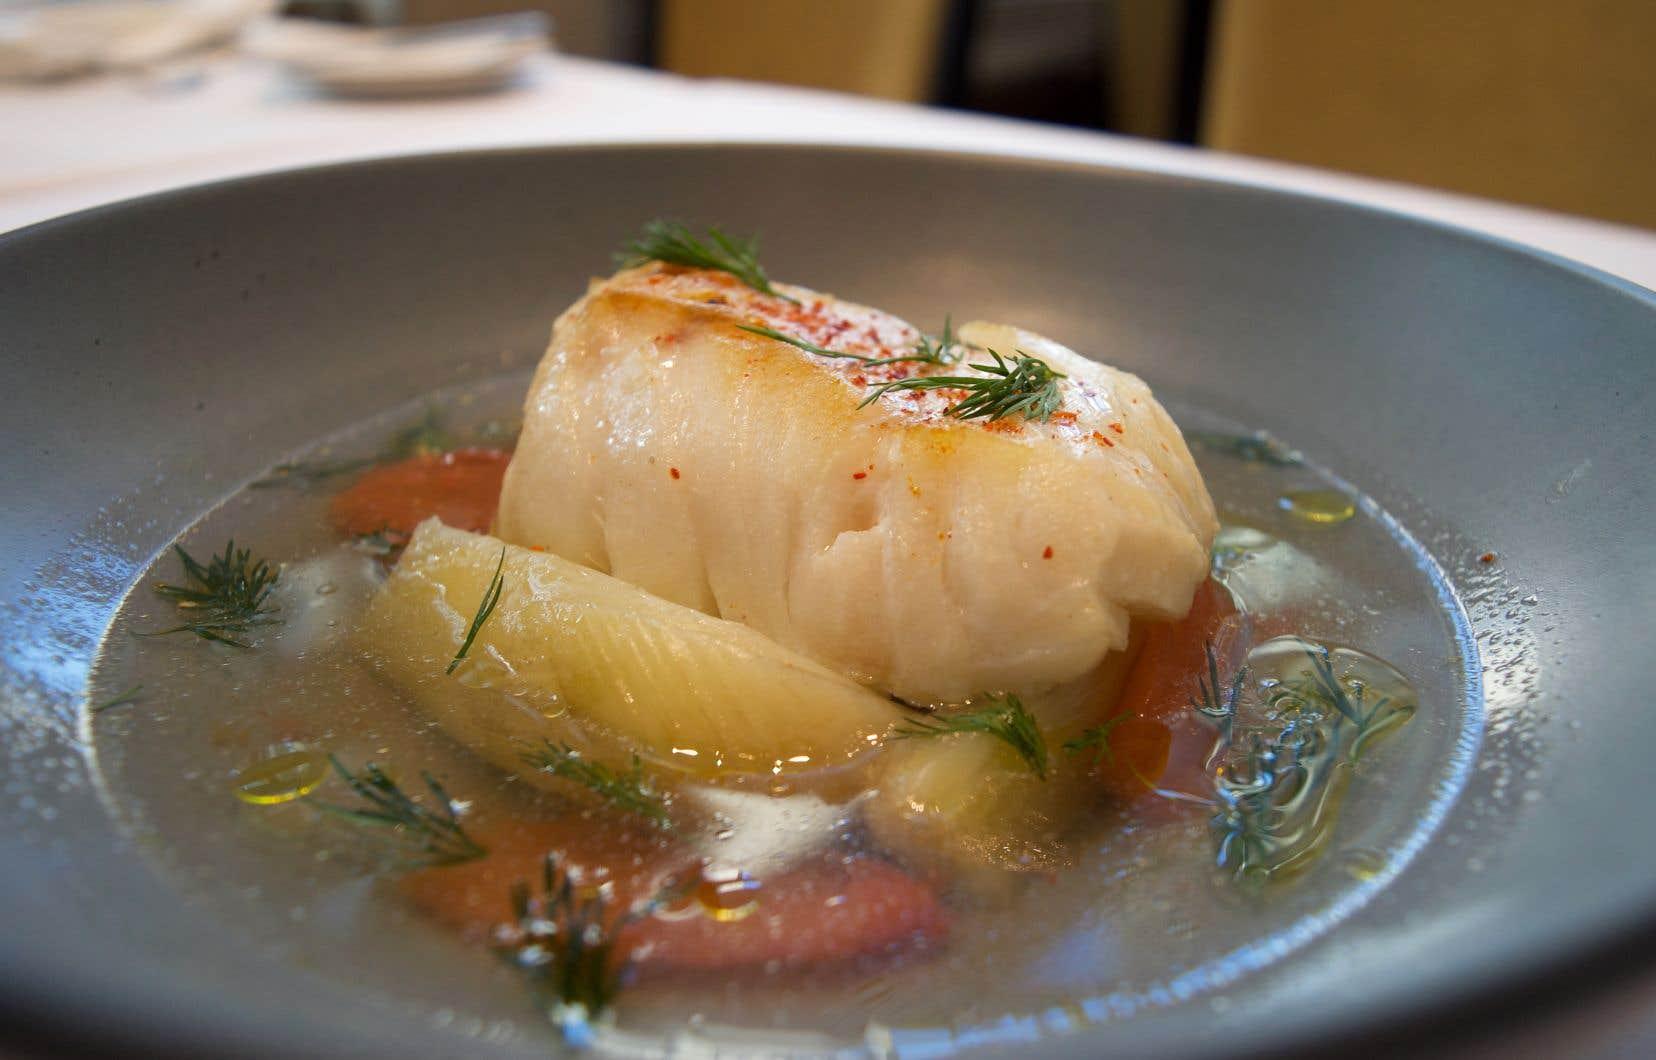 Dans un bol ou une assiette creuse, disposer les pétales de tomates et les quartiers de fenouil.